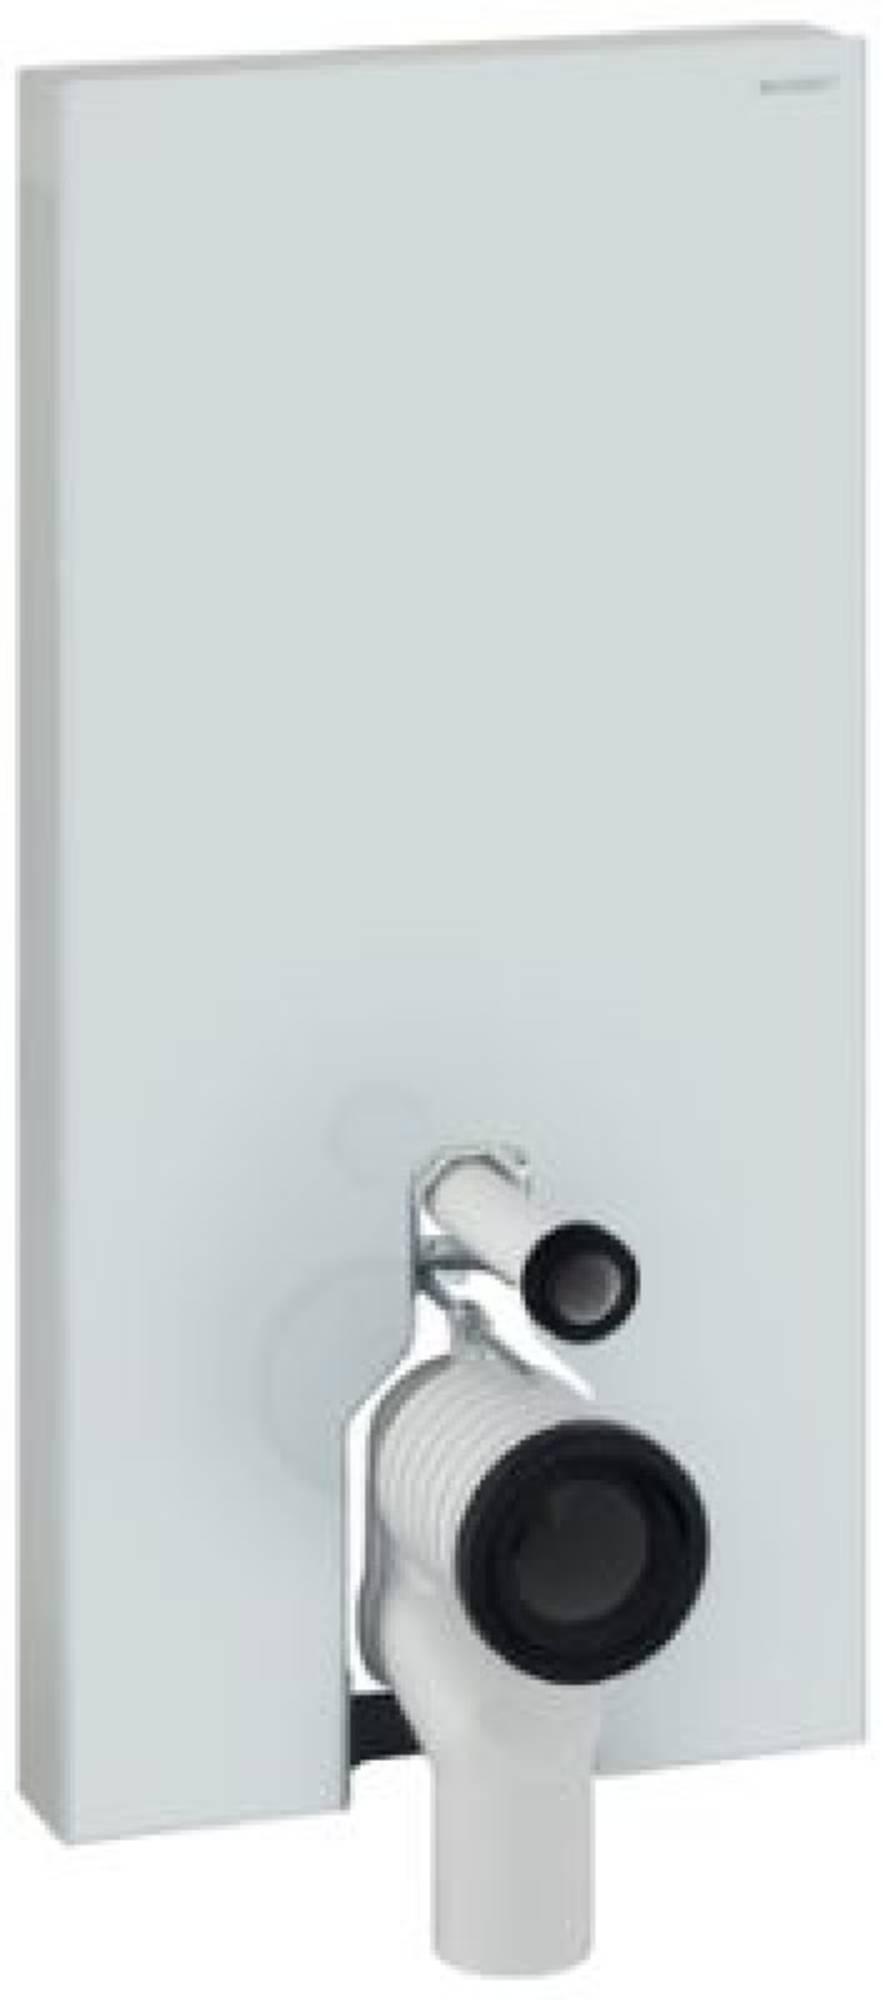 Geberit Monolith plus module voor staand closet h101 glas zand aluminium